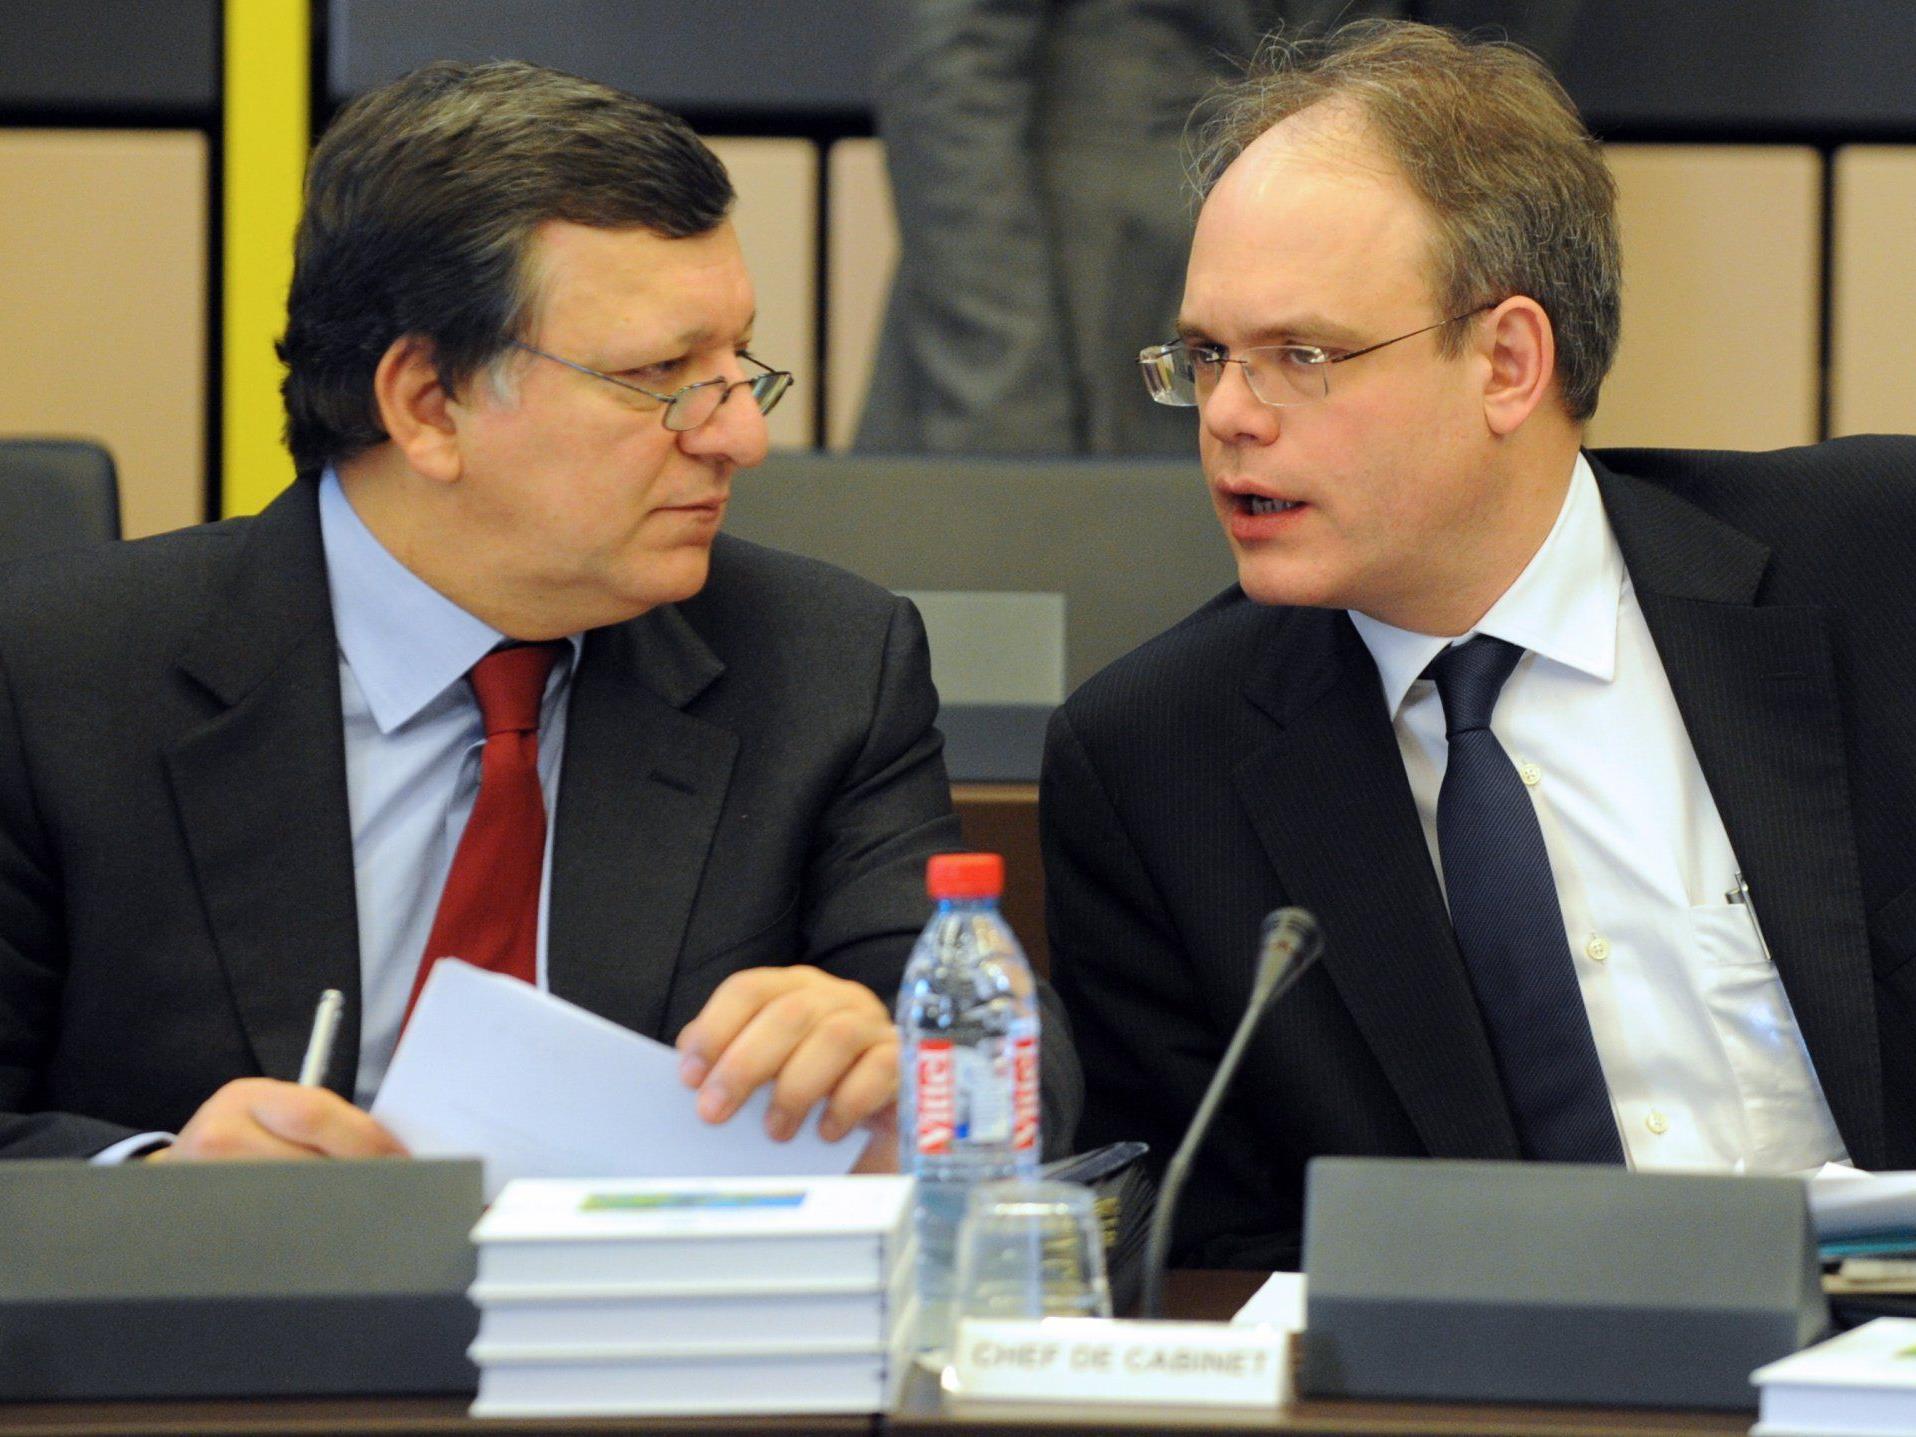 Jose Manuel Barroso hat am Dienstagnachmittag in Straßburg drei Vertragsverletzungsverfahren gegen Ungarn angekündigt